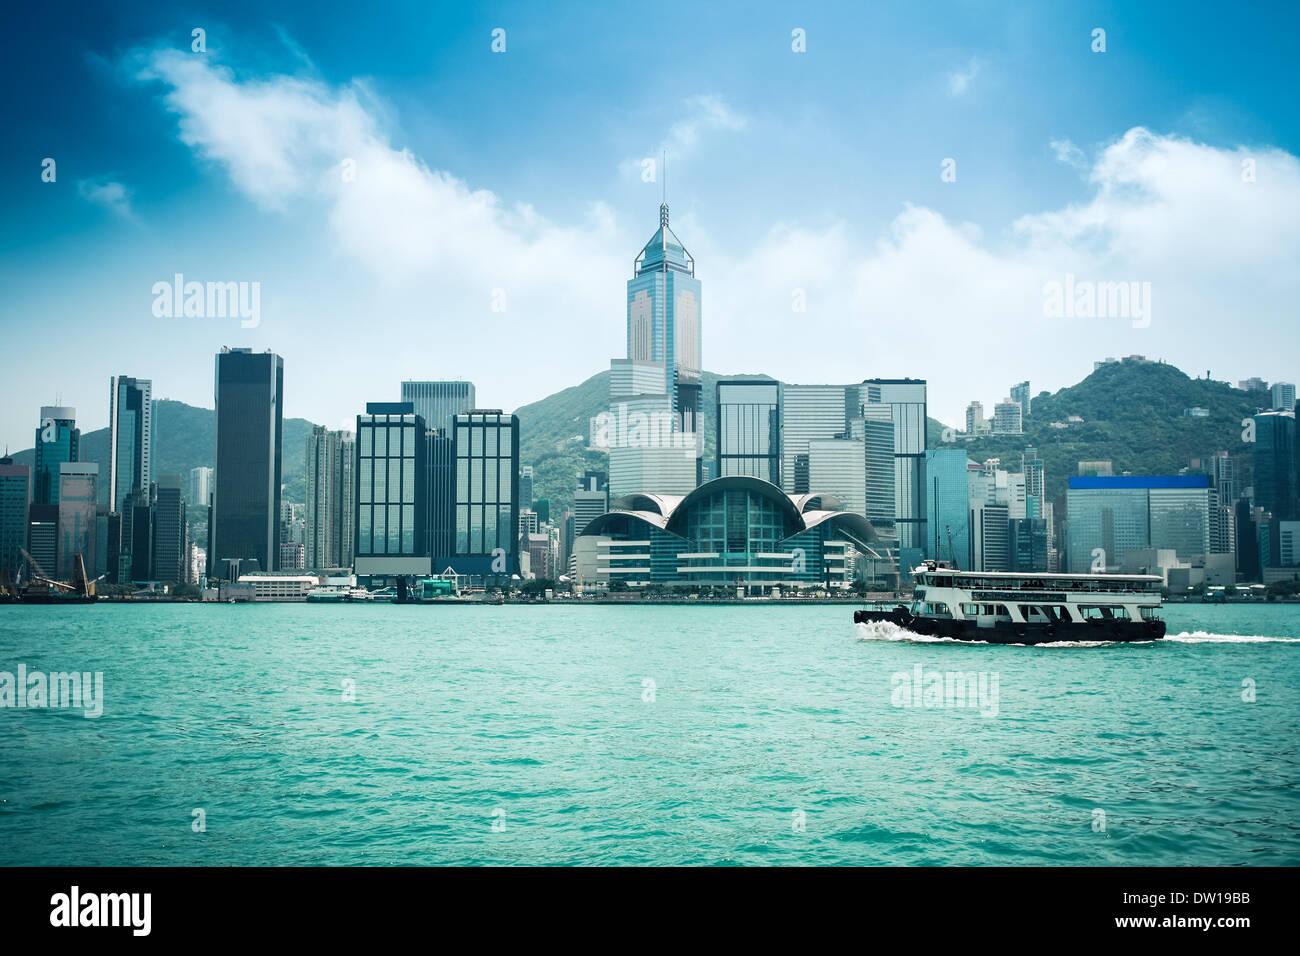 hongkong skyline with ferryboat - Stock Image